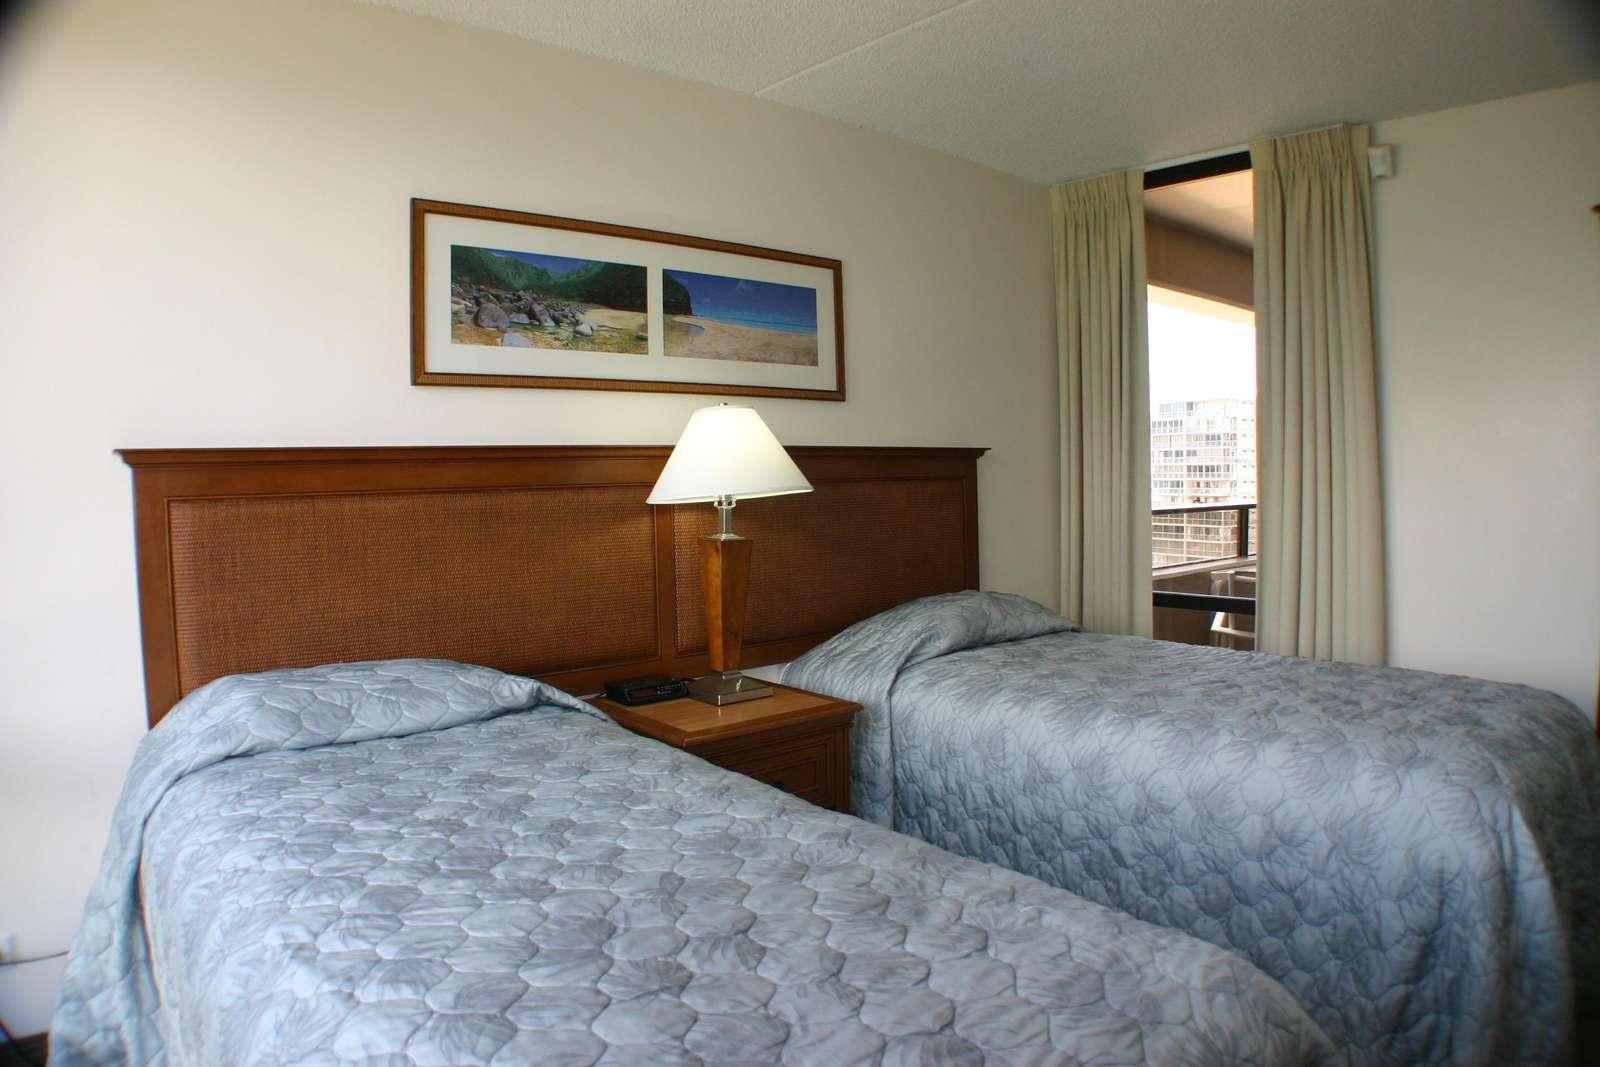 Bdrm 2 - 2 Twin XL Beds